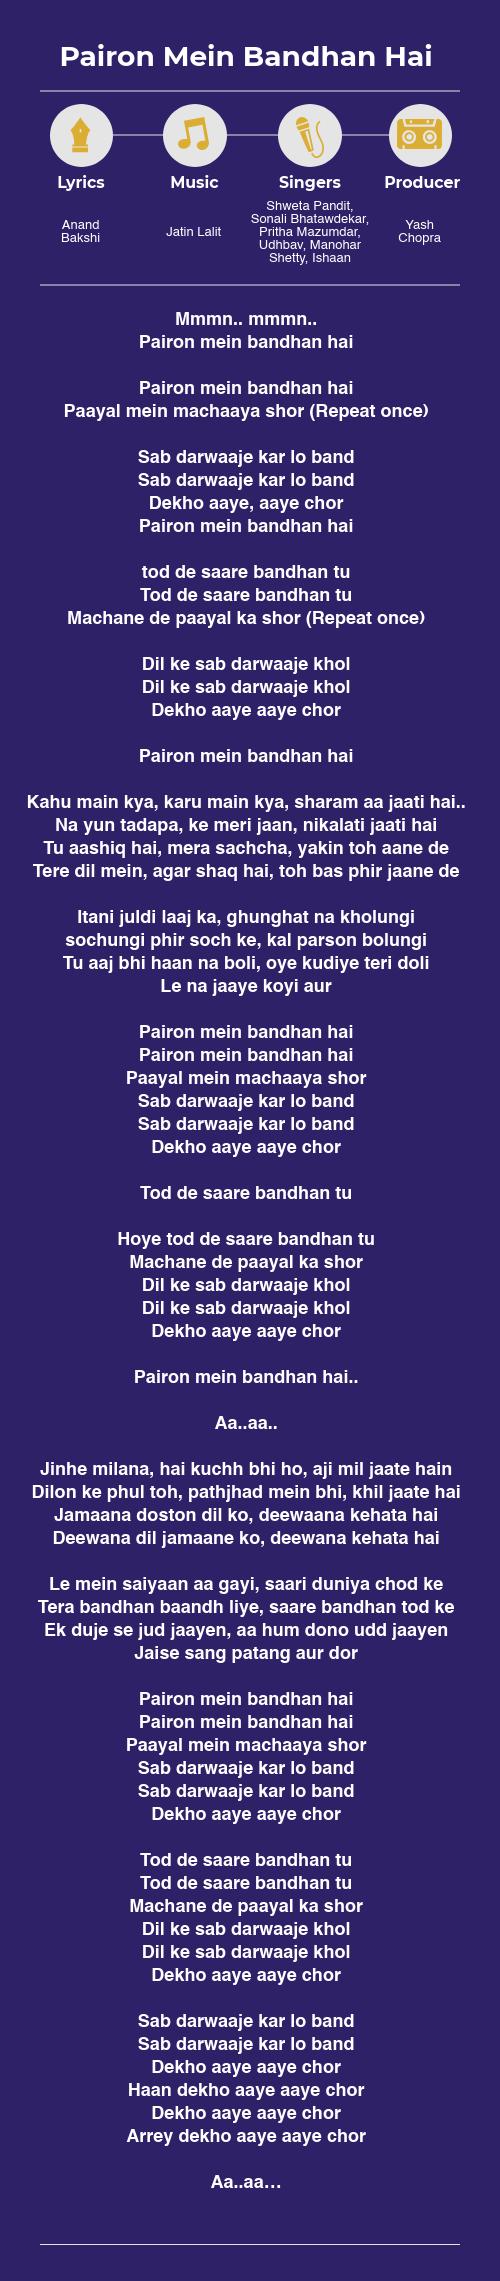 Pairon Mein Bandhan Hai lyrics